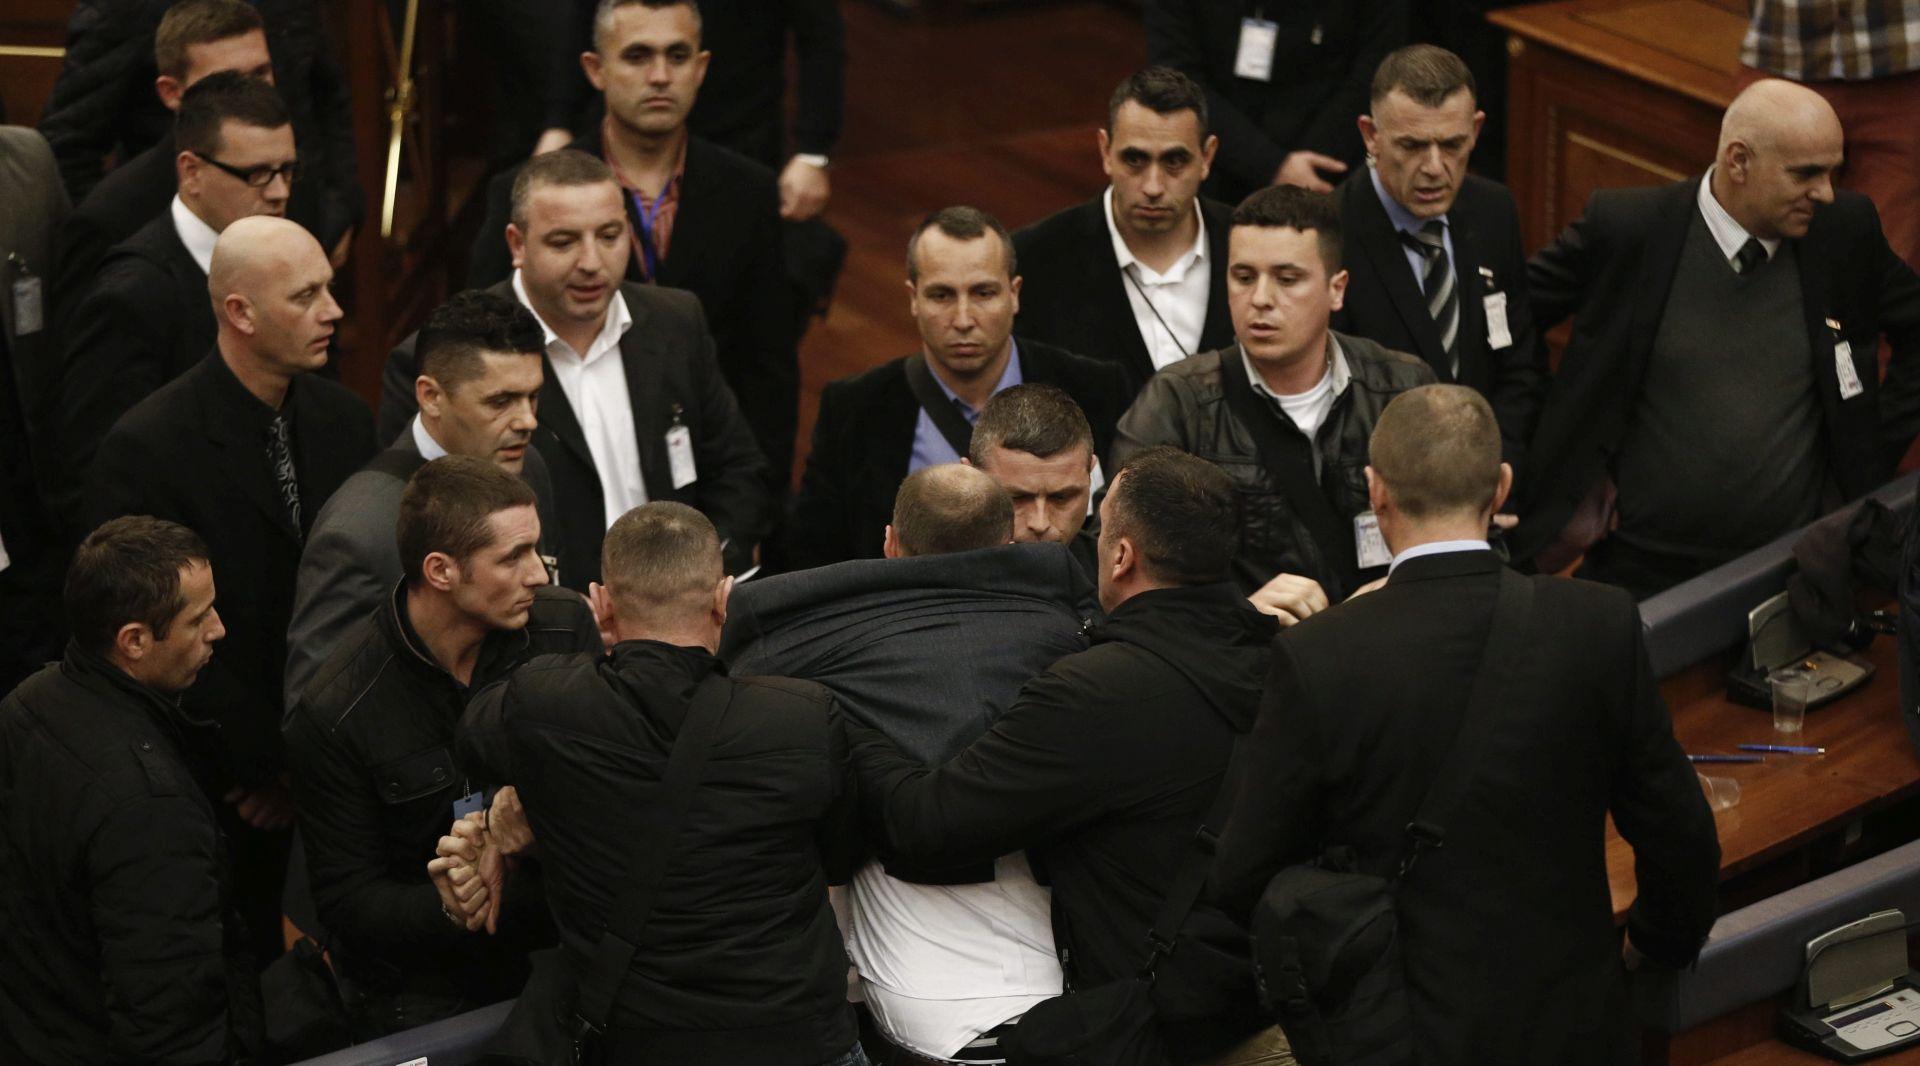 PREKINUTO ZASJEDANJE: Kosovska oporba suzavcem opstruira izbor predsjednika države